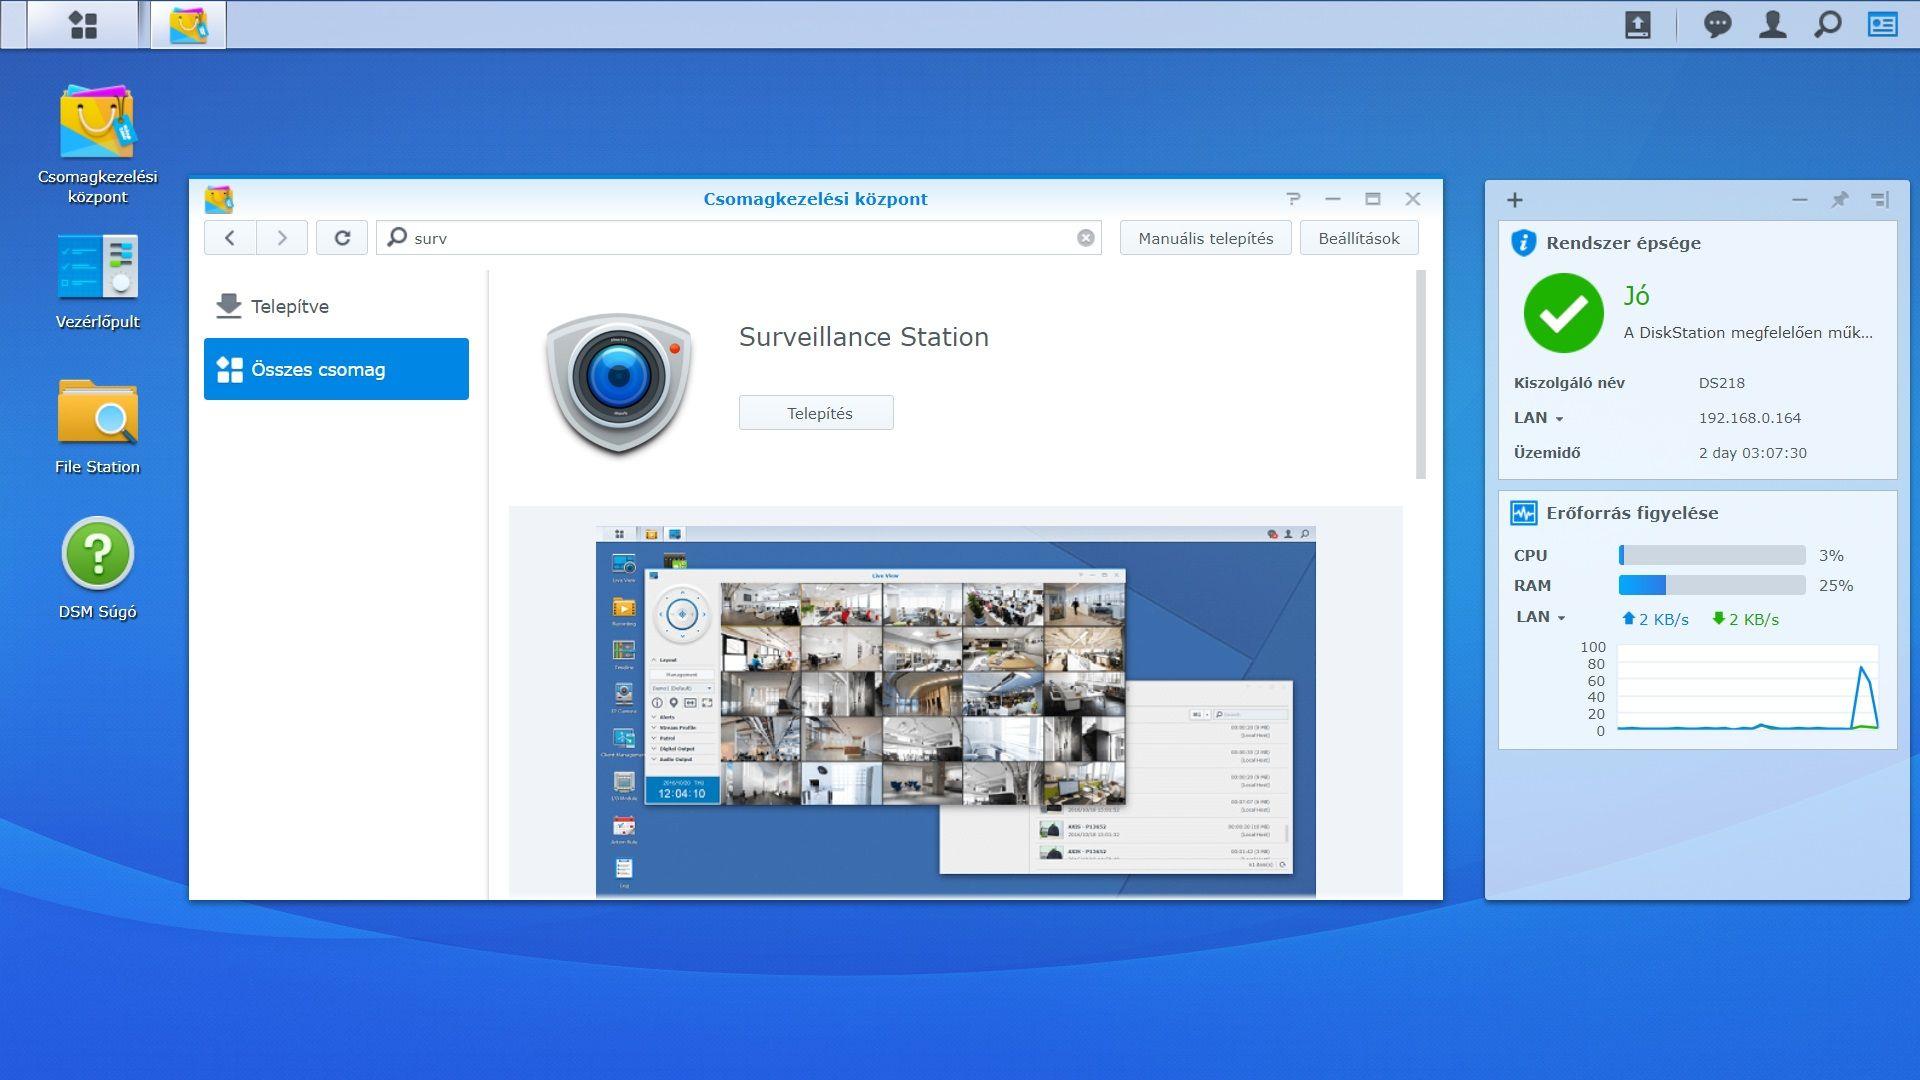 Image result for surveillance station